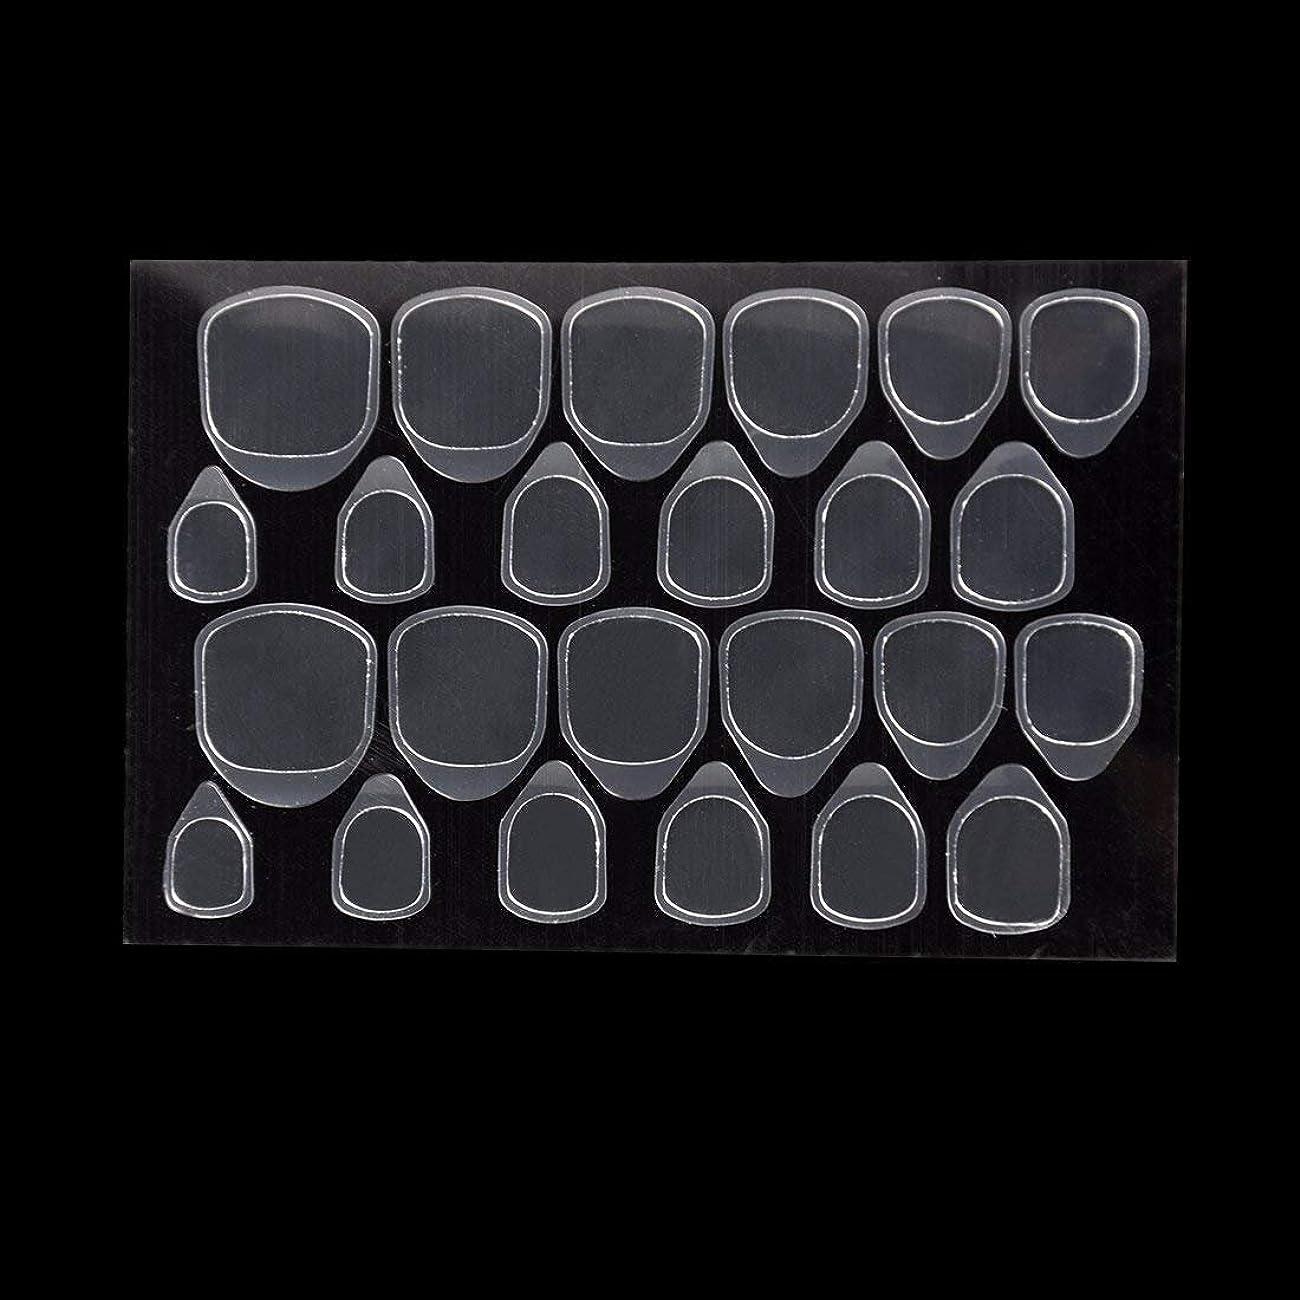 ペレット離れて悲劇的なつけ爪用 両面テープ ネイル 推奨超強力両面テープ ネイル両面接着剤 ネイルチップ用粘着グミ 10枚セット (スタイル1)